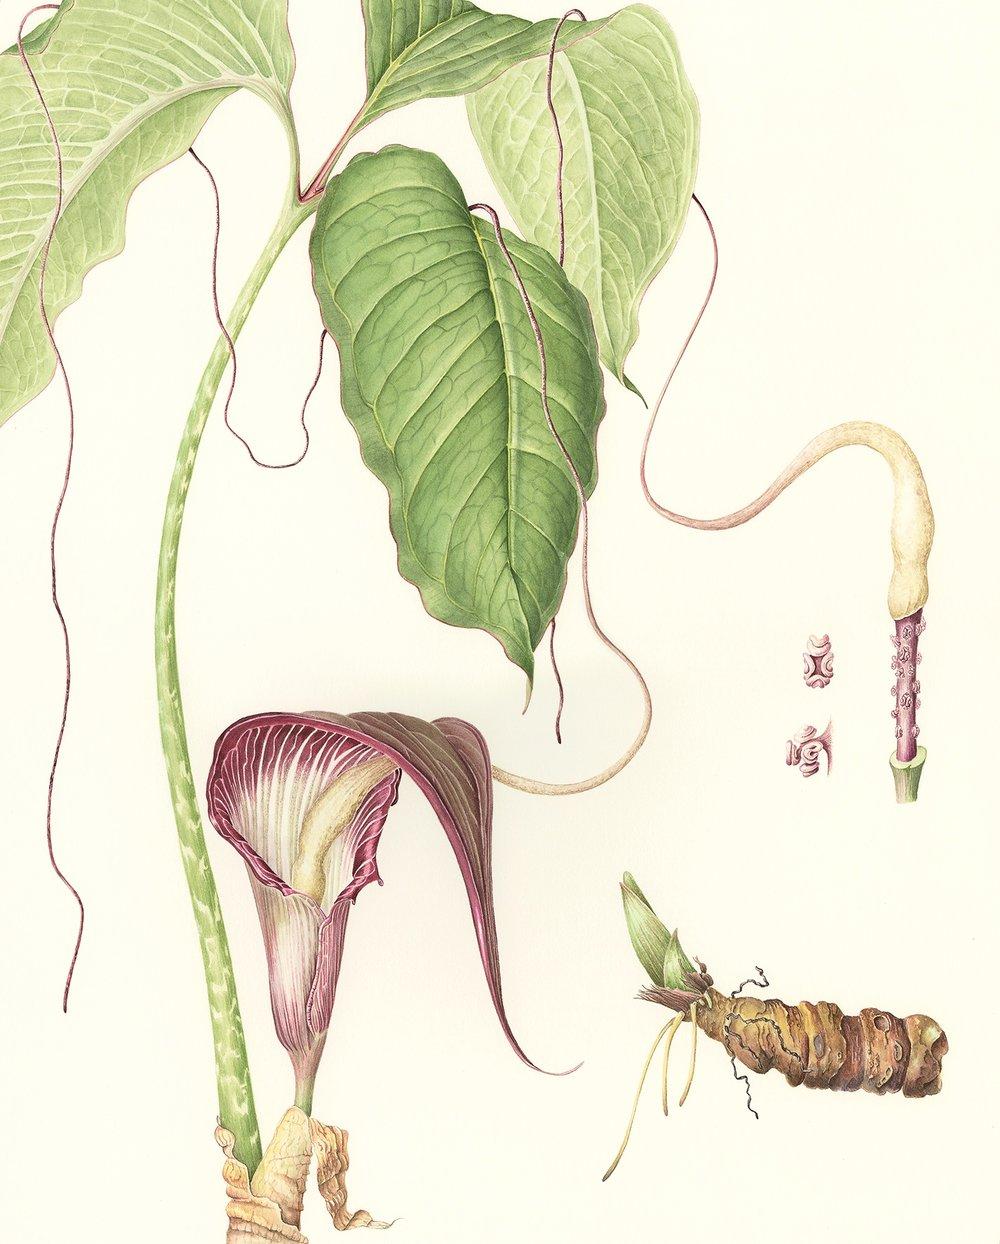 Arisaema speciosum var. mirabile